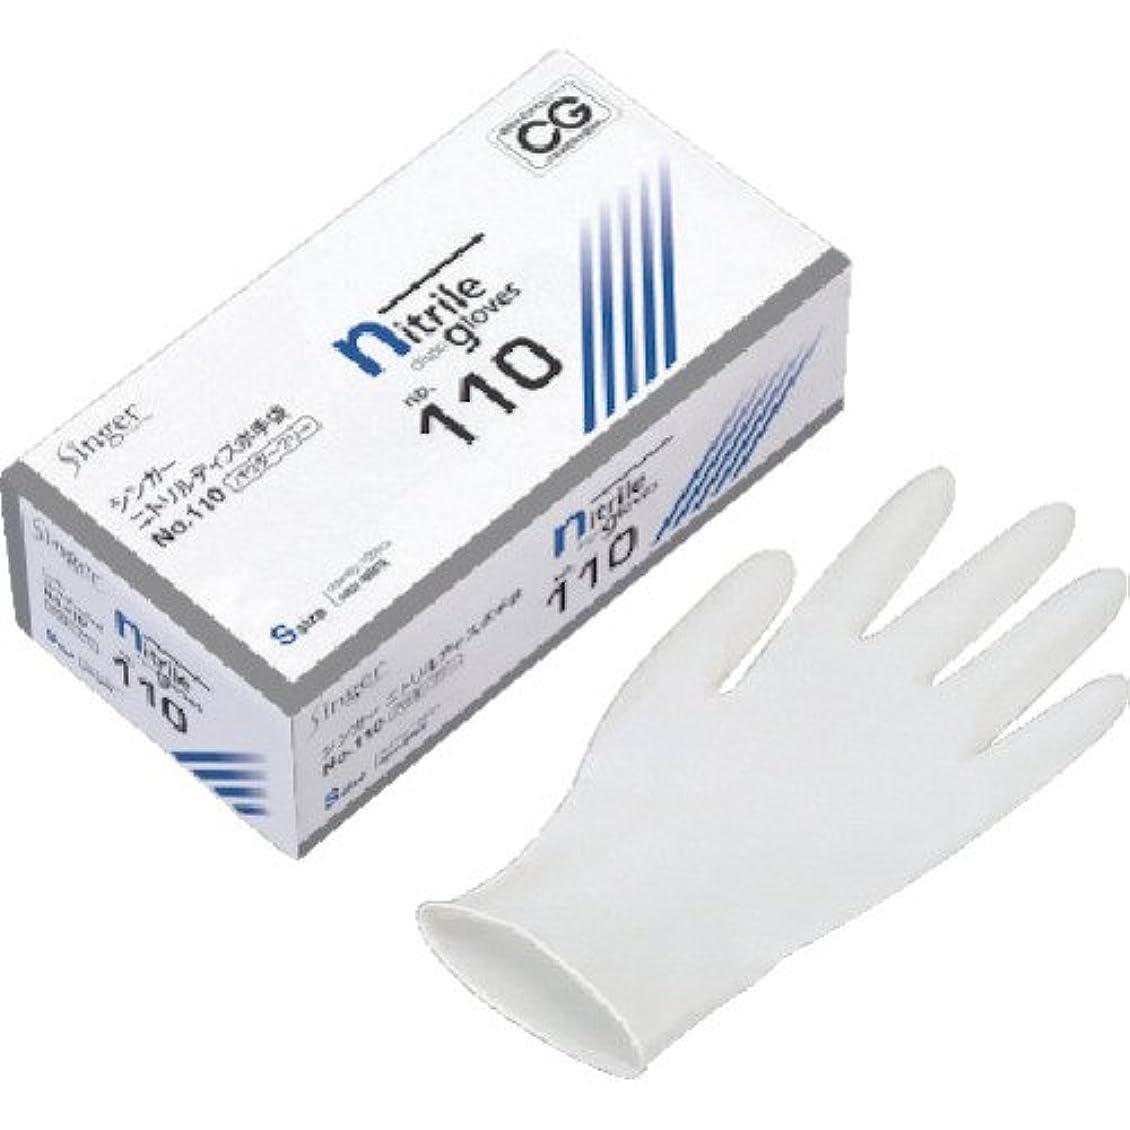 定刻隠すいまシンガーニトリルディスポ手袋 No.110 ホワイト パウダーフリー(100枚) S